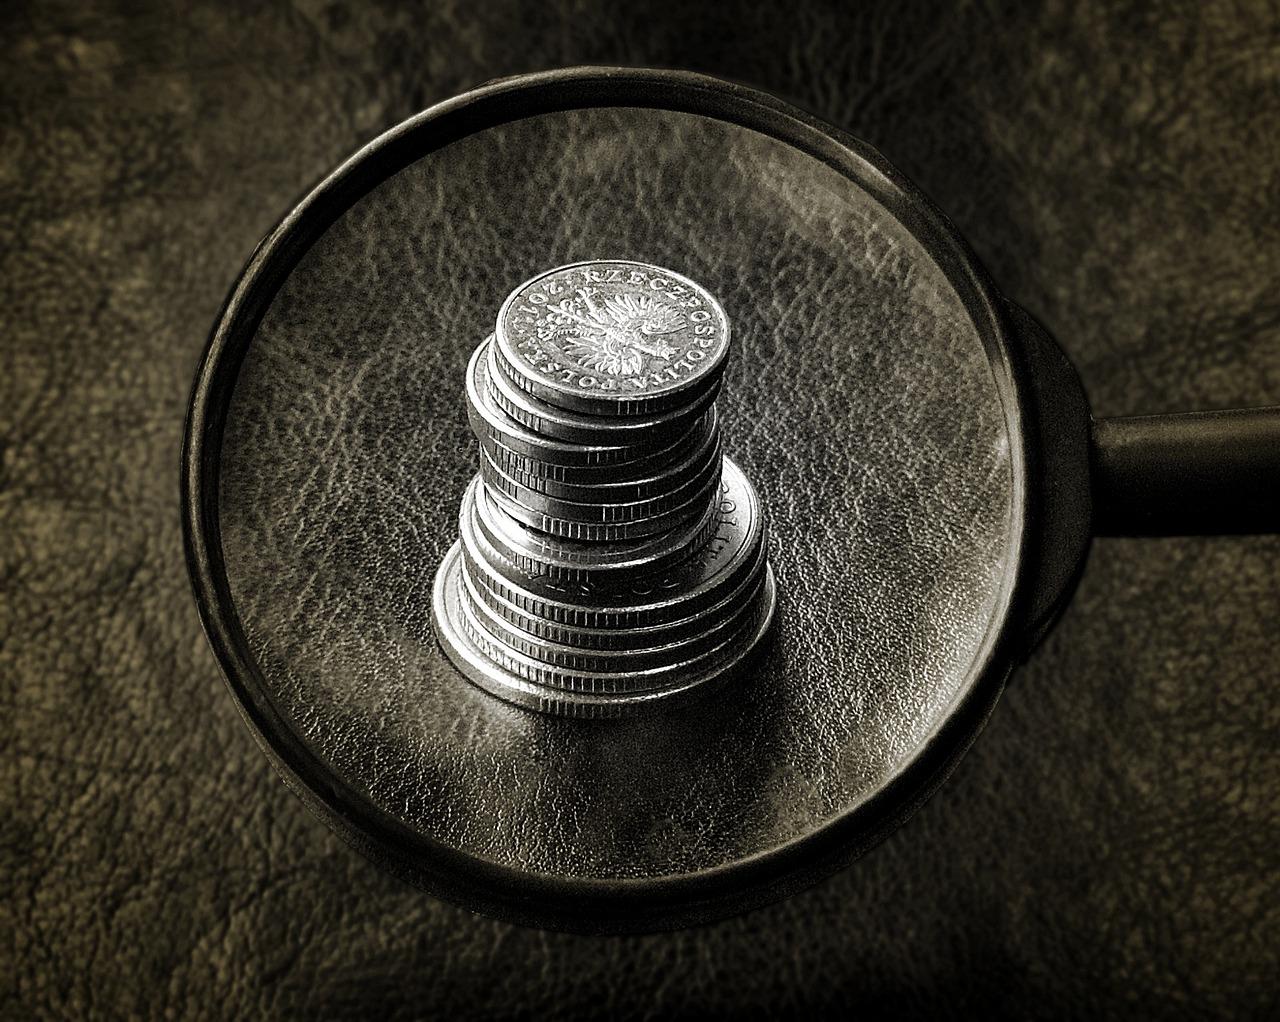 recupero crediti rintraccio patrimoniale